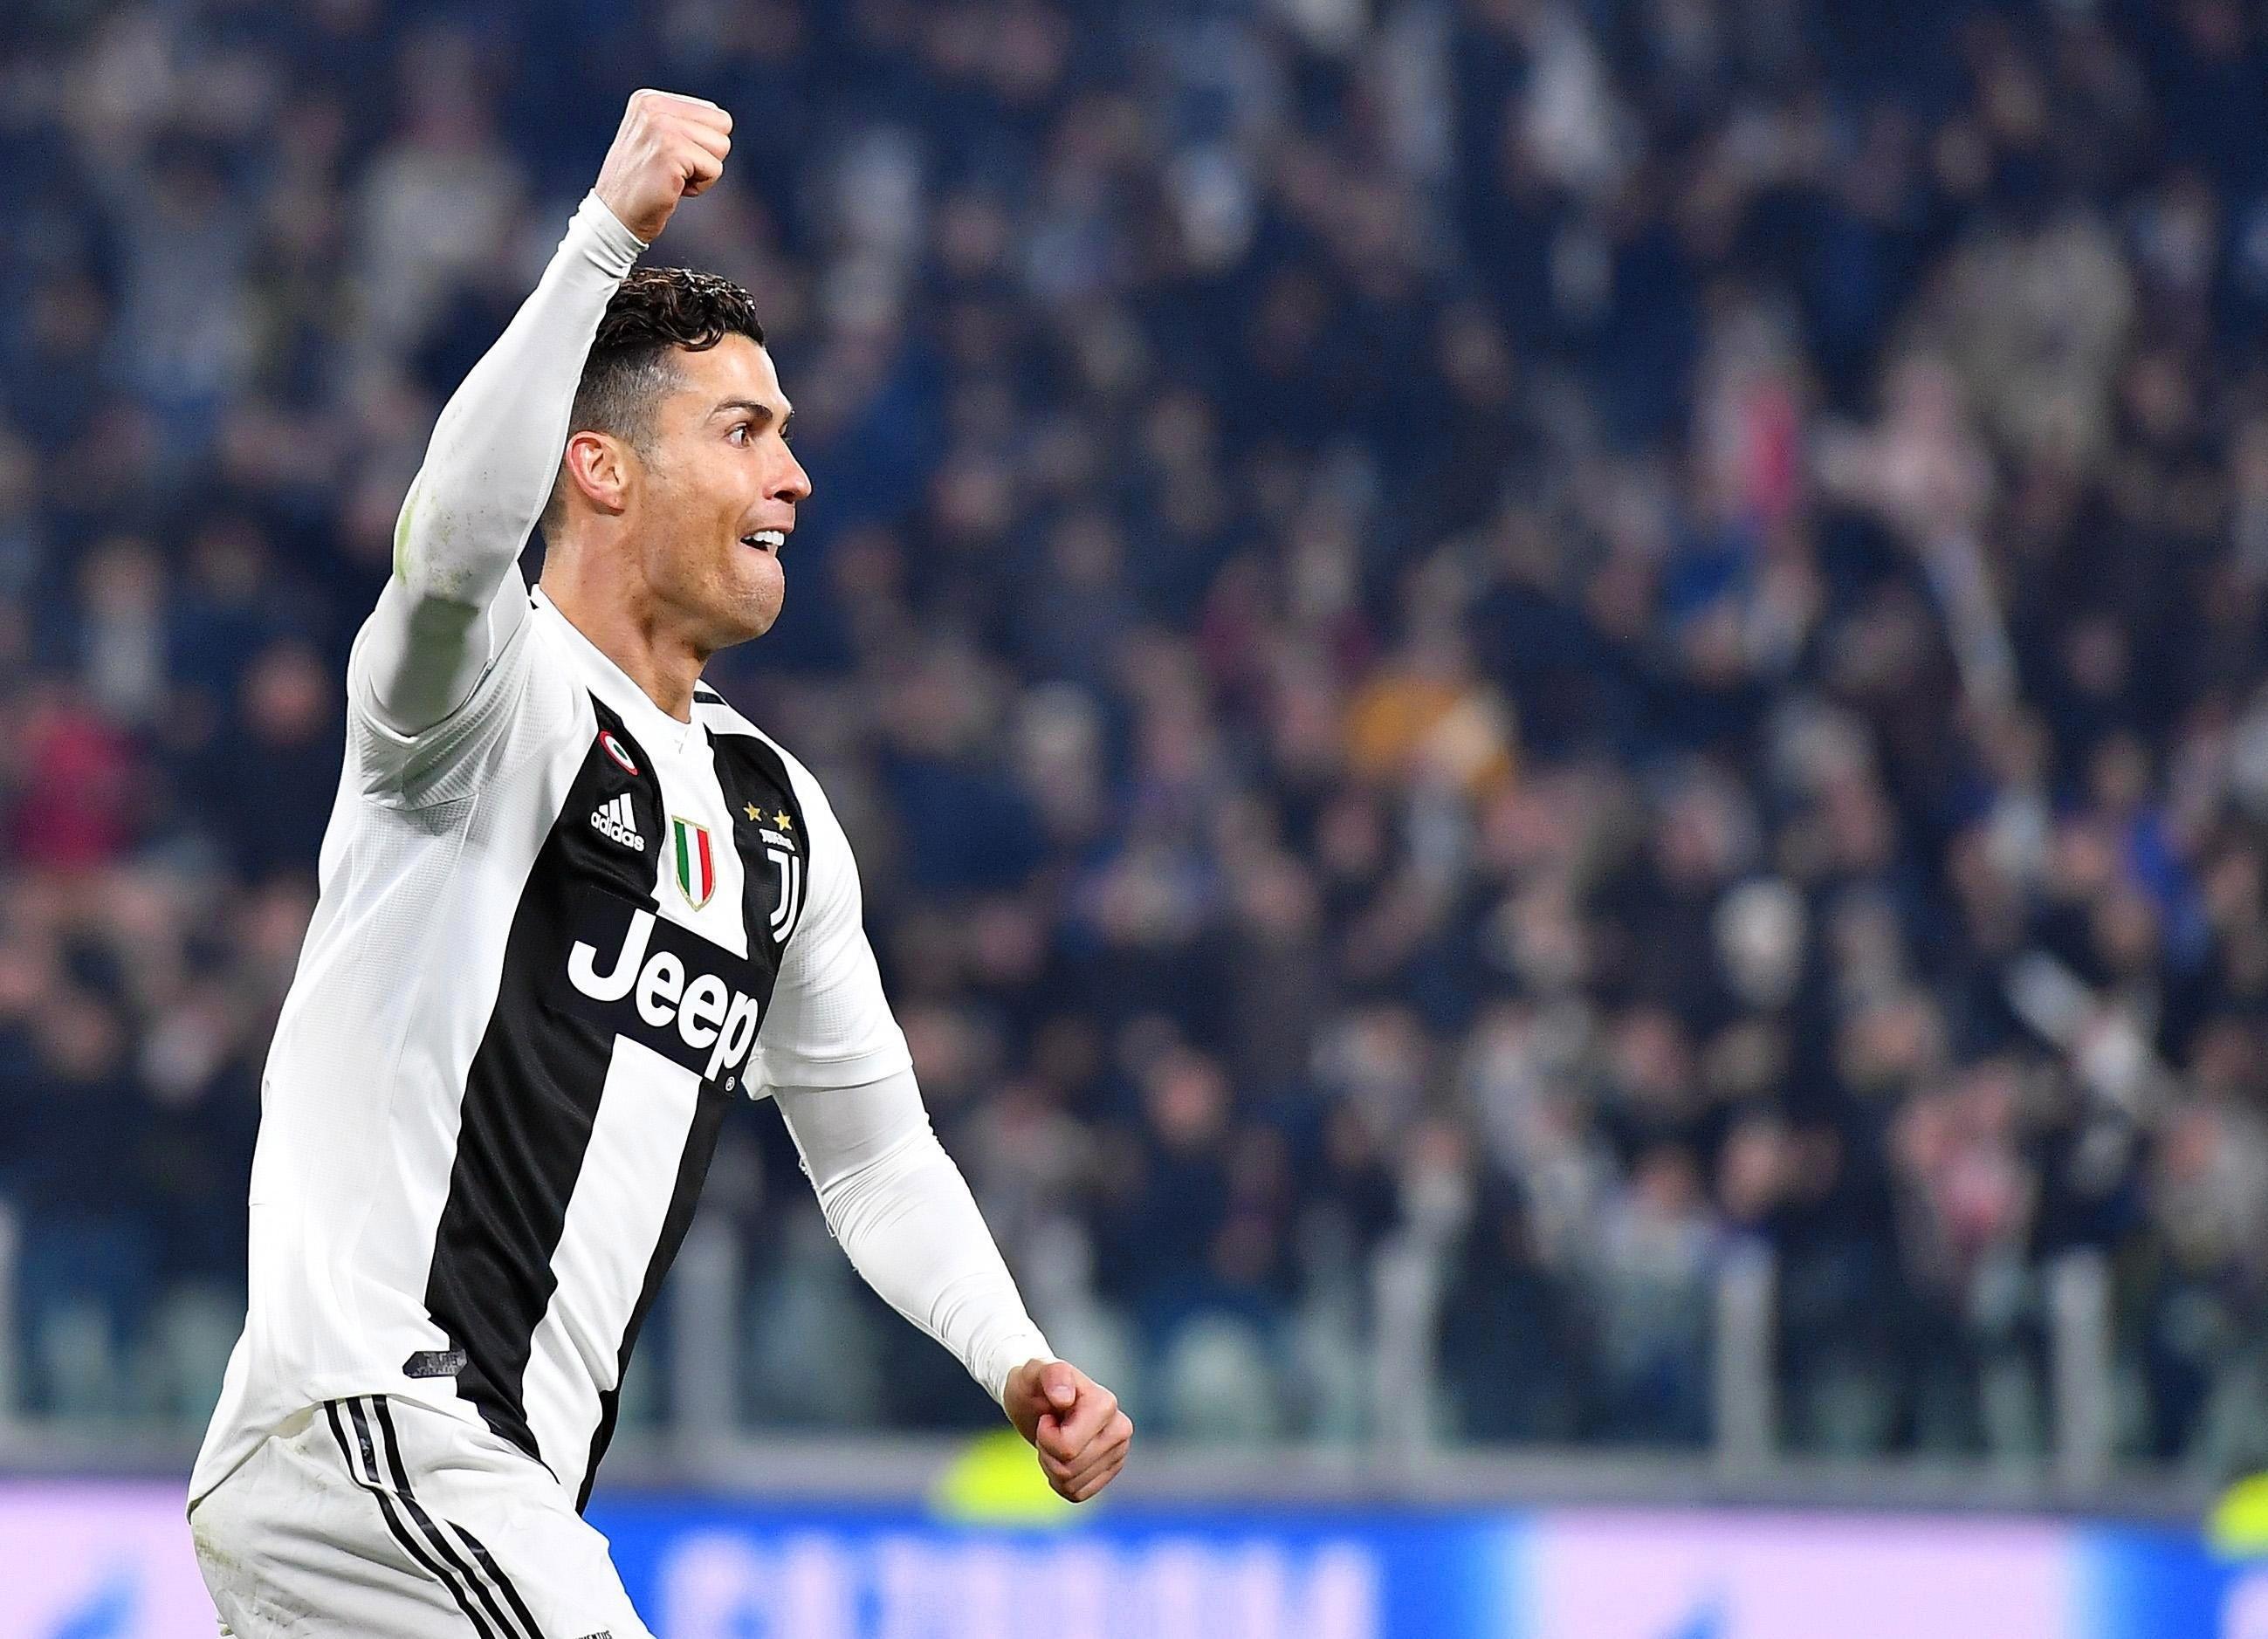 Imagen de archivo realizada el pasado martes que muestra a Cristiano Ronaldo, delantero portugués de la Juventus, mientras celebra el segundo tanto ante el Atlético de Madrid. (Foto Prensa Libre: EFE)